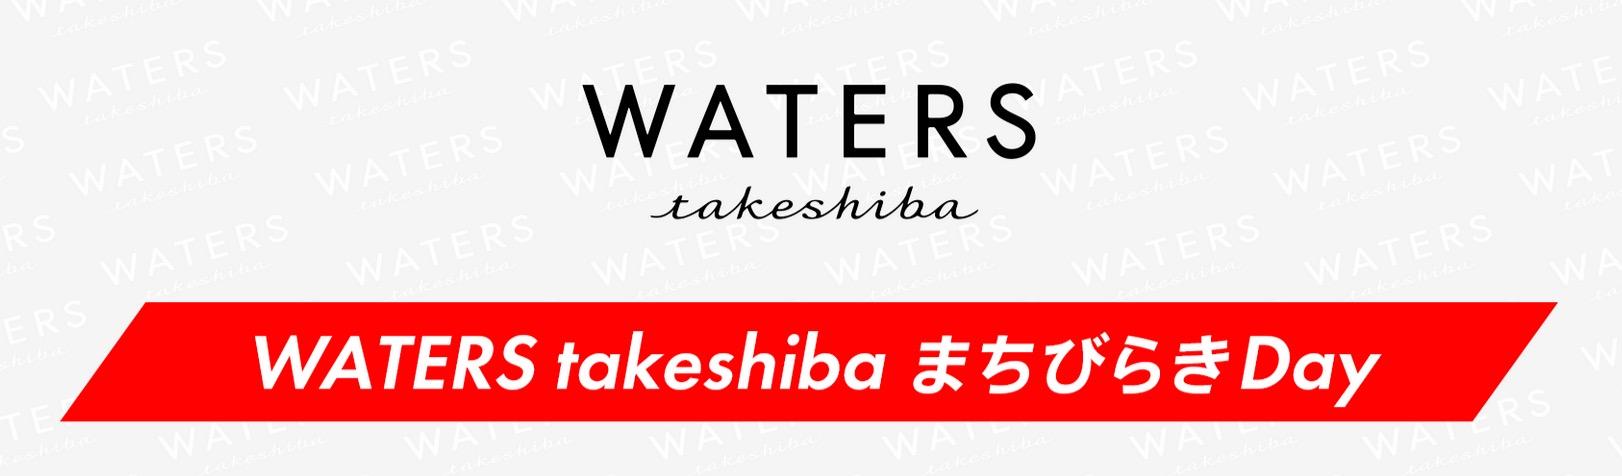 「ウォーターズ竹芝」の「WATERS takeshiba まちびらきDay」